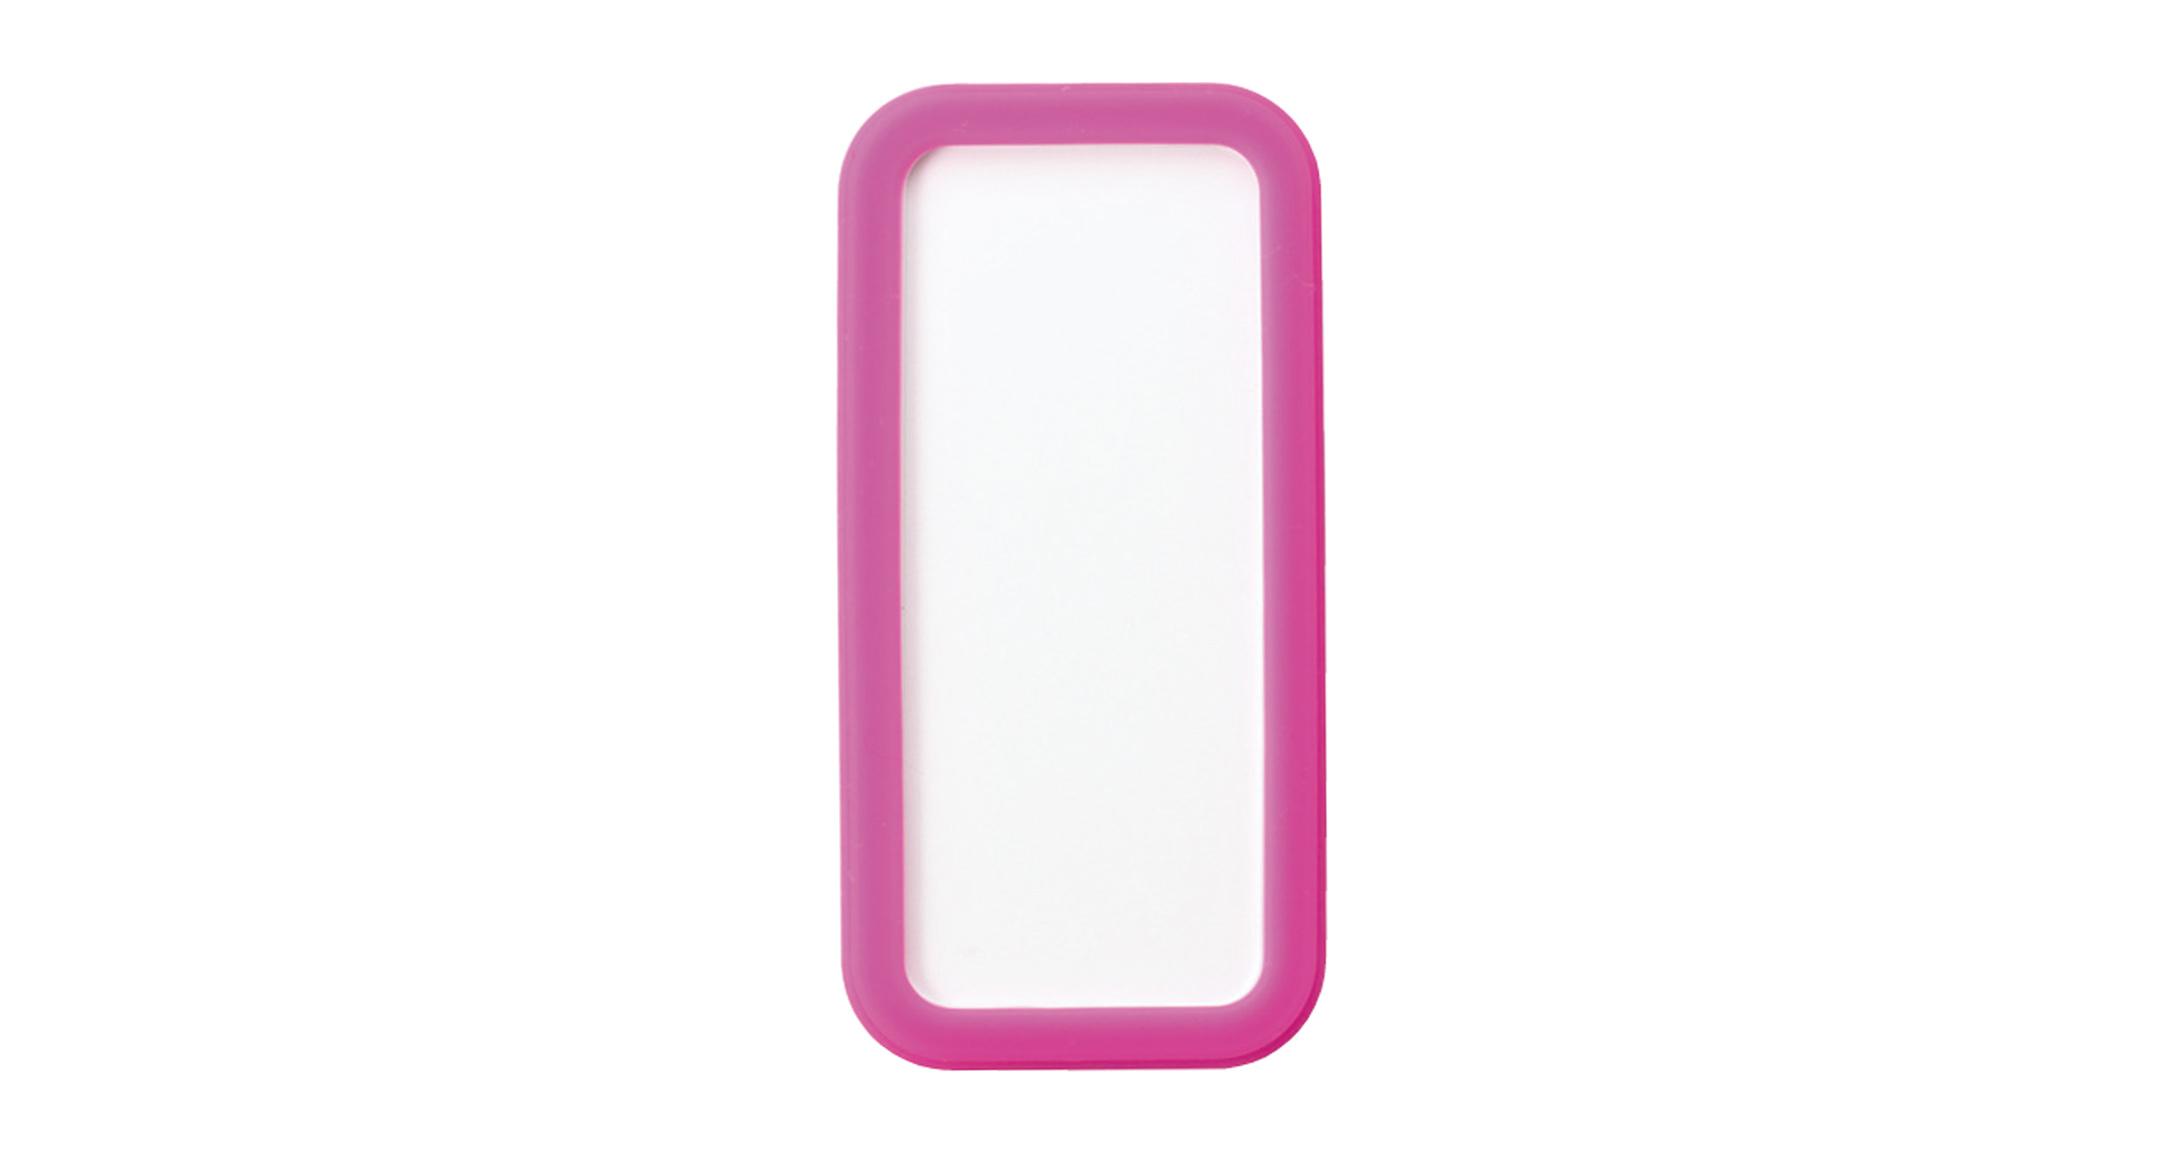 シリコンカバー付ポータブルケース CSSシリーズ:ホワイト/ピンクの画像